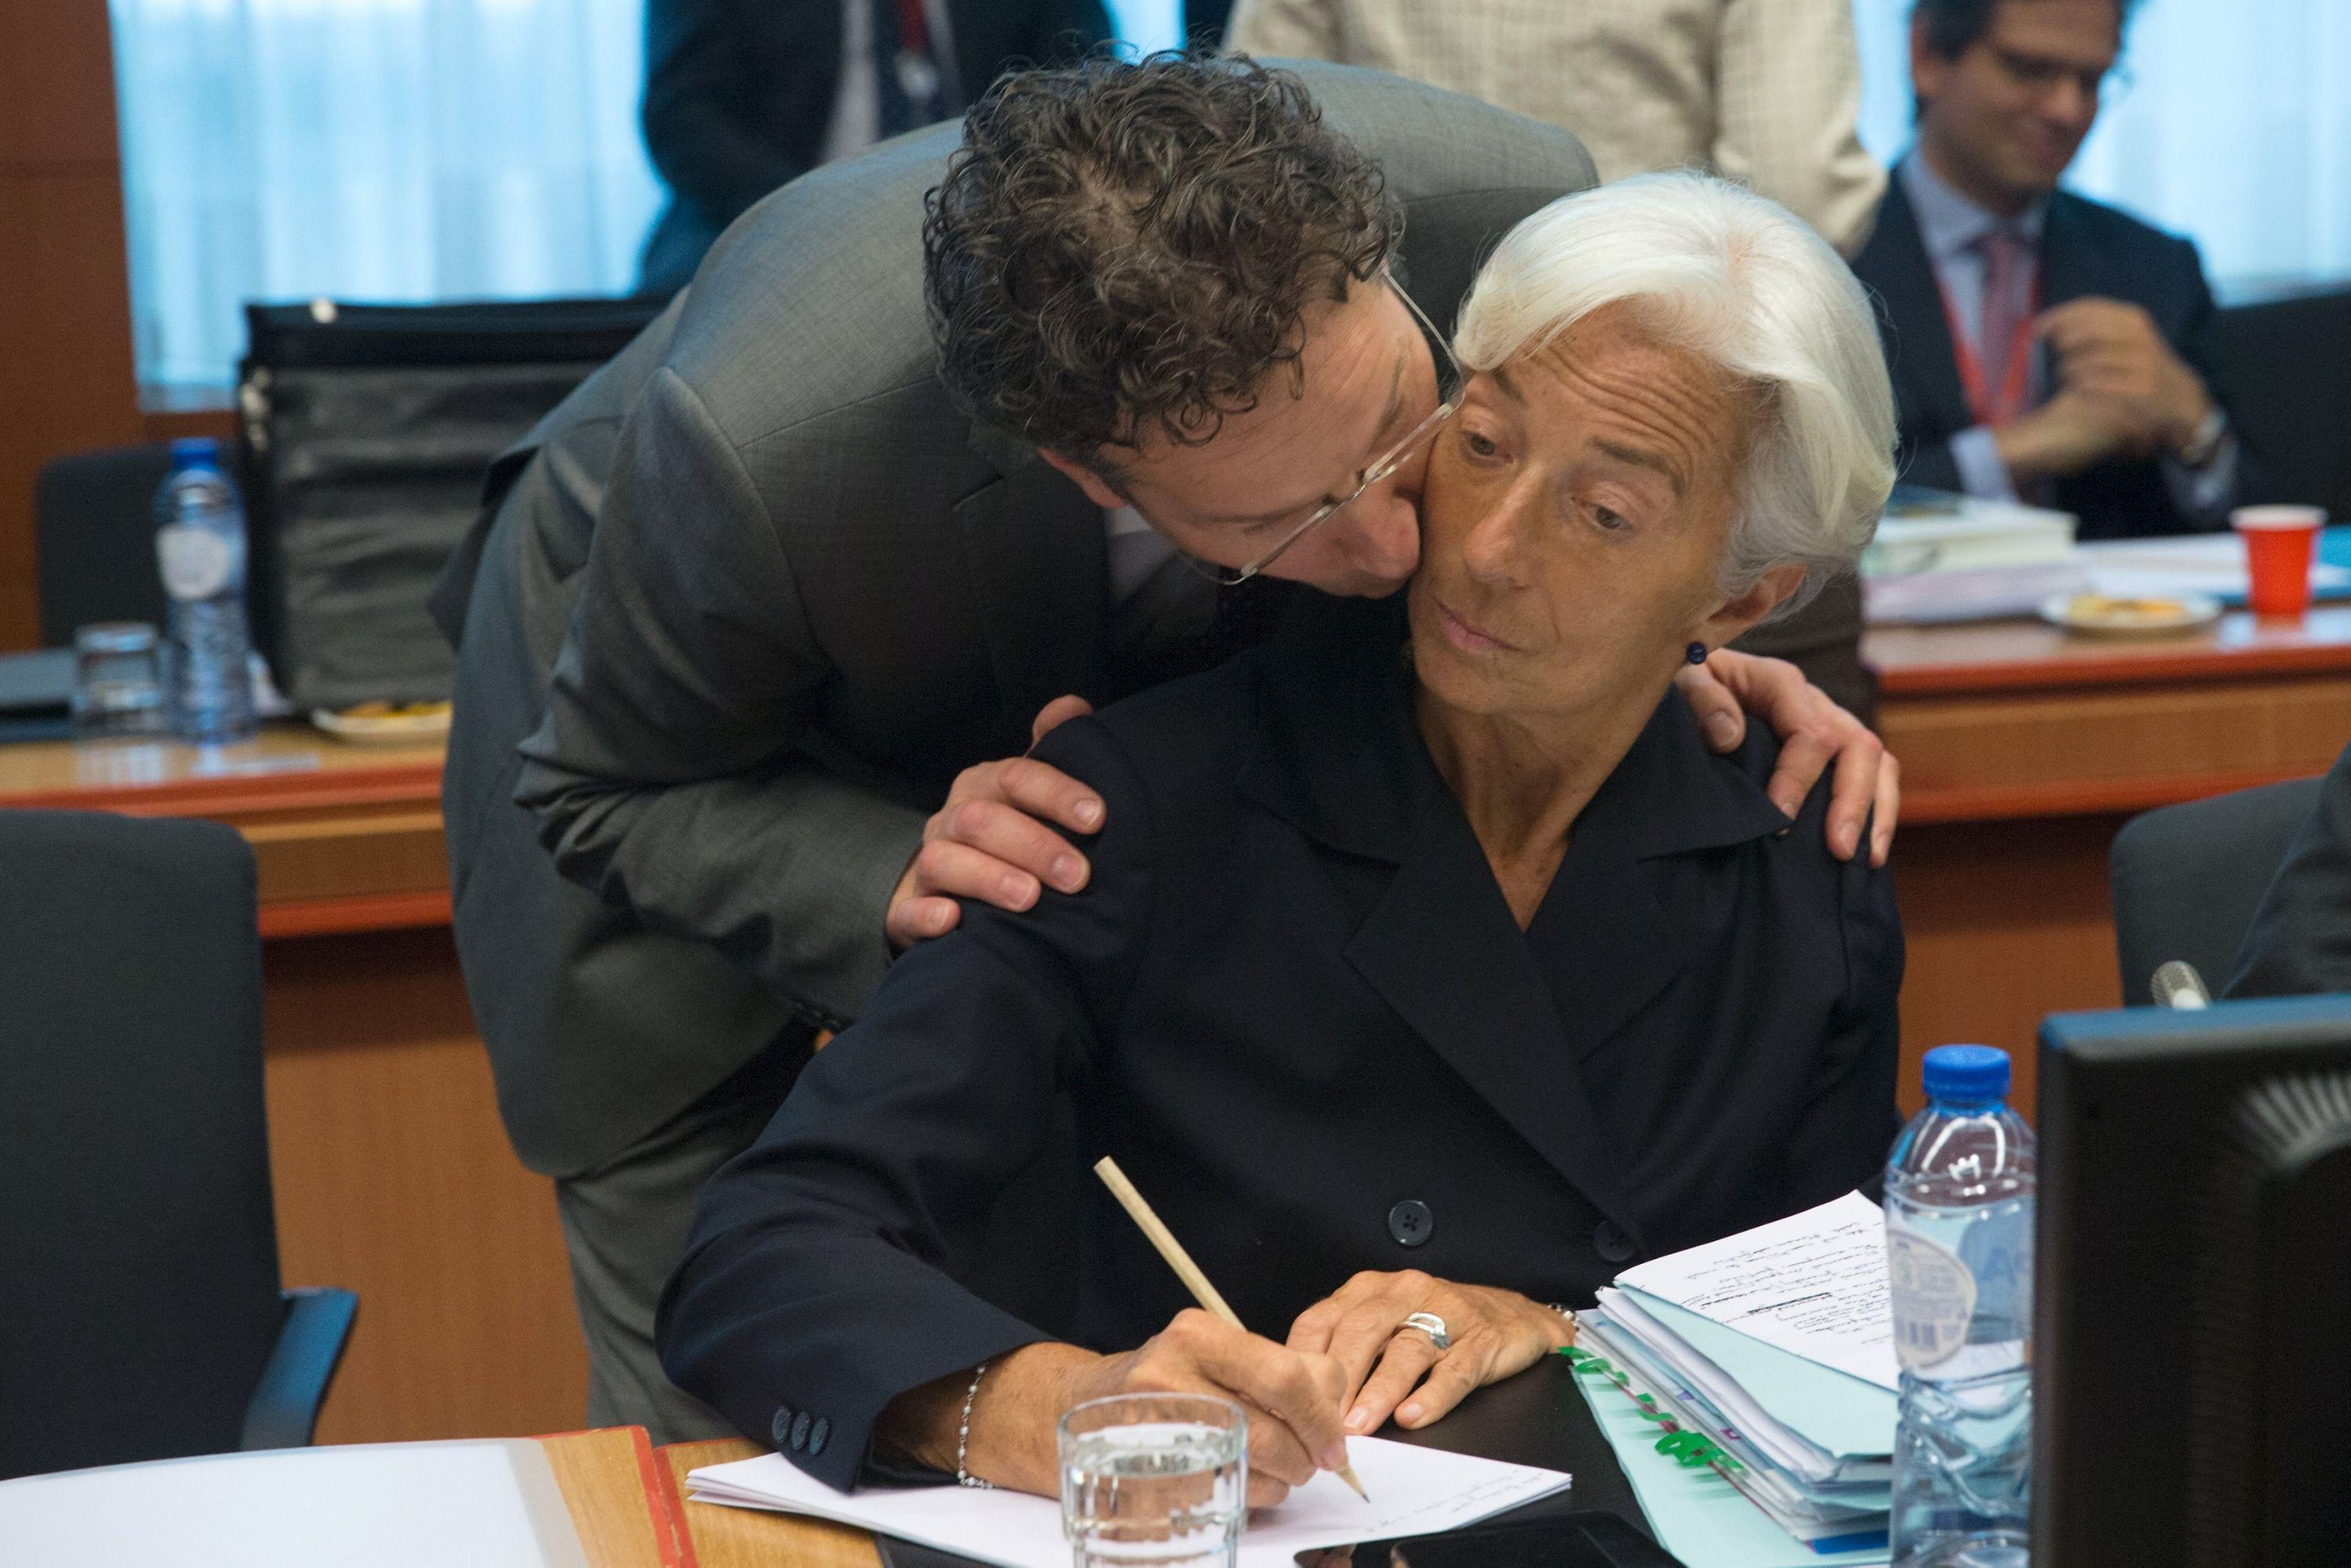 Lo revela un estudio confidencial del FMI que apunta a que los motivos son el deterioro de la economía y los bancos del país en las últimas dos semanas.